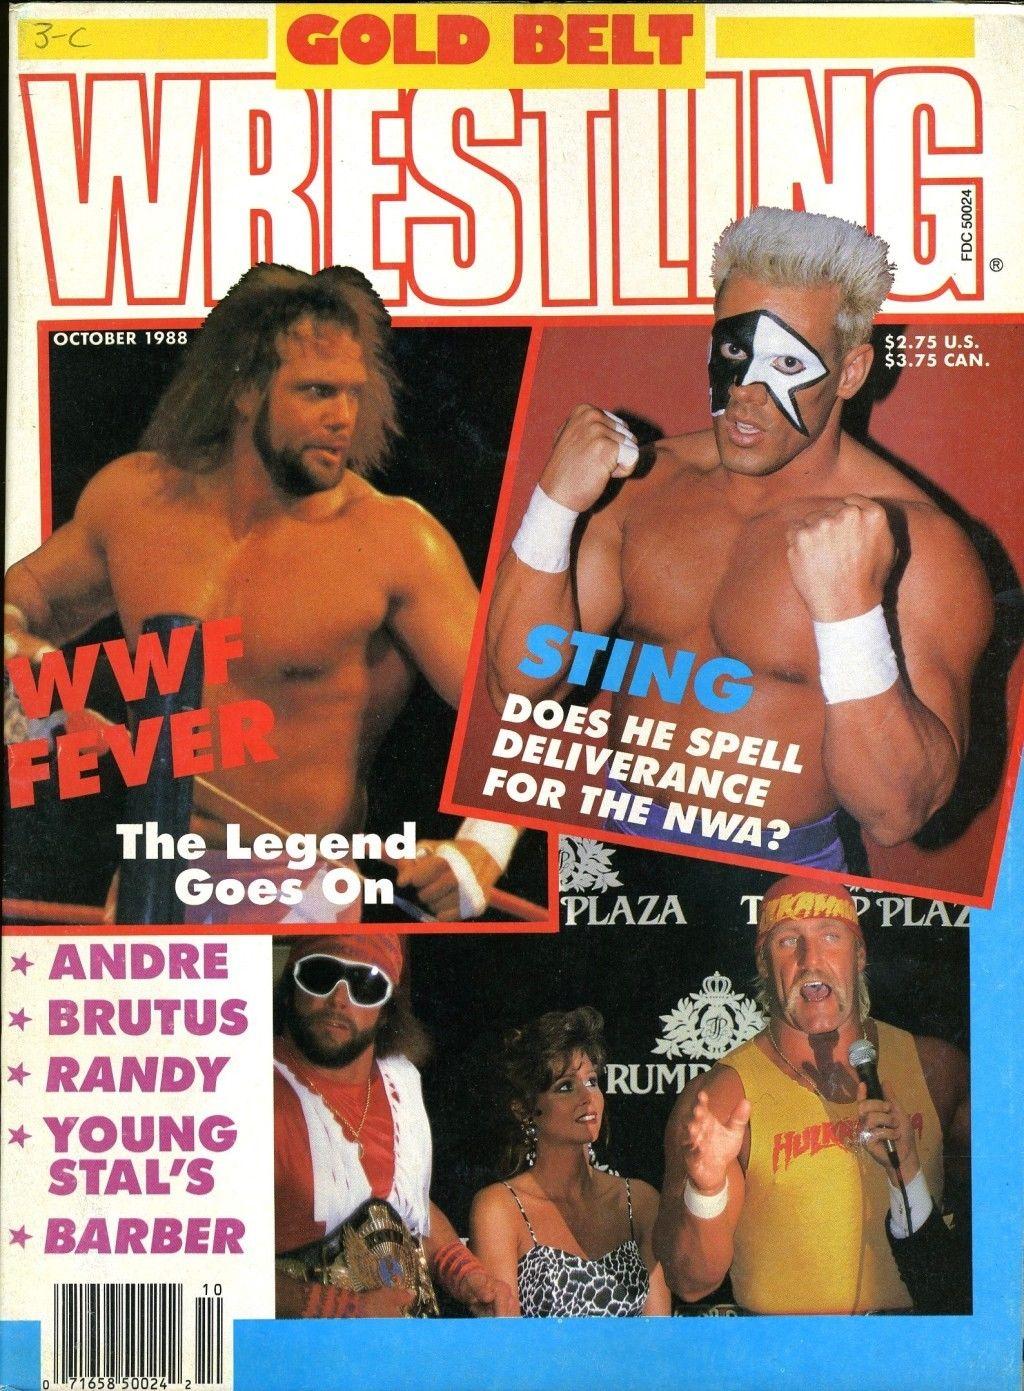 Gold Belt Wrestling - October 1988